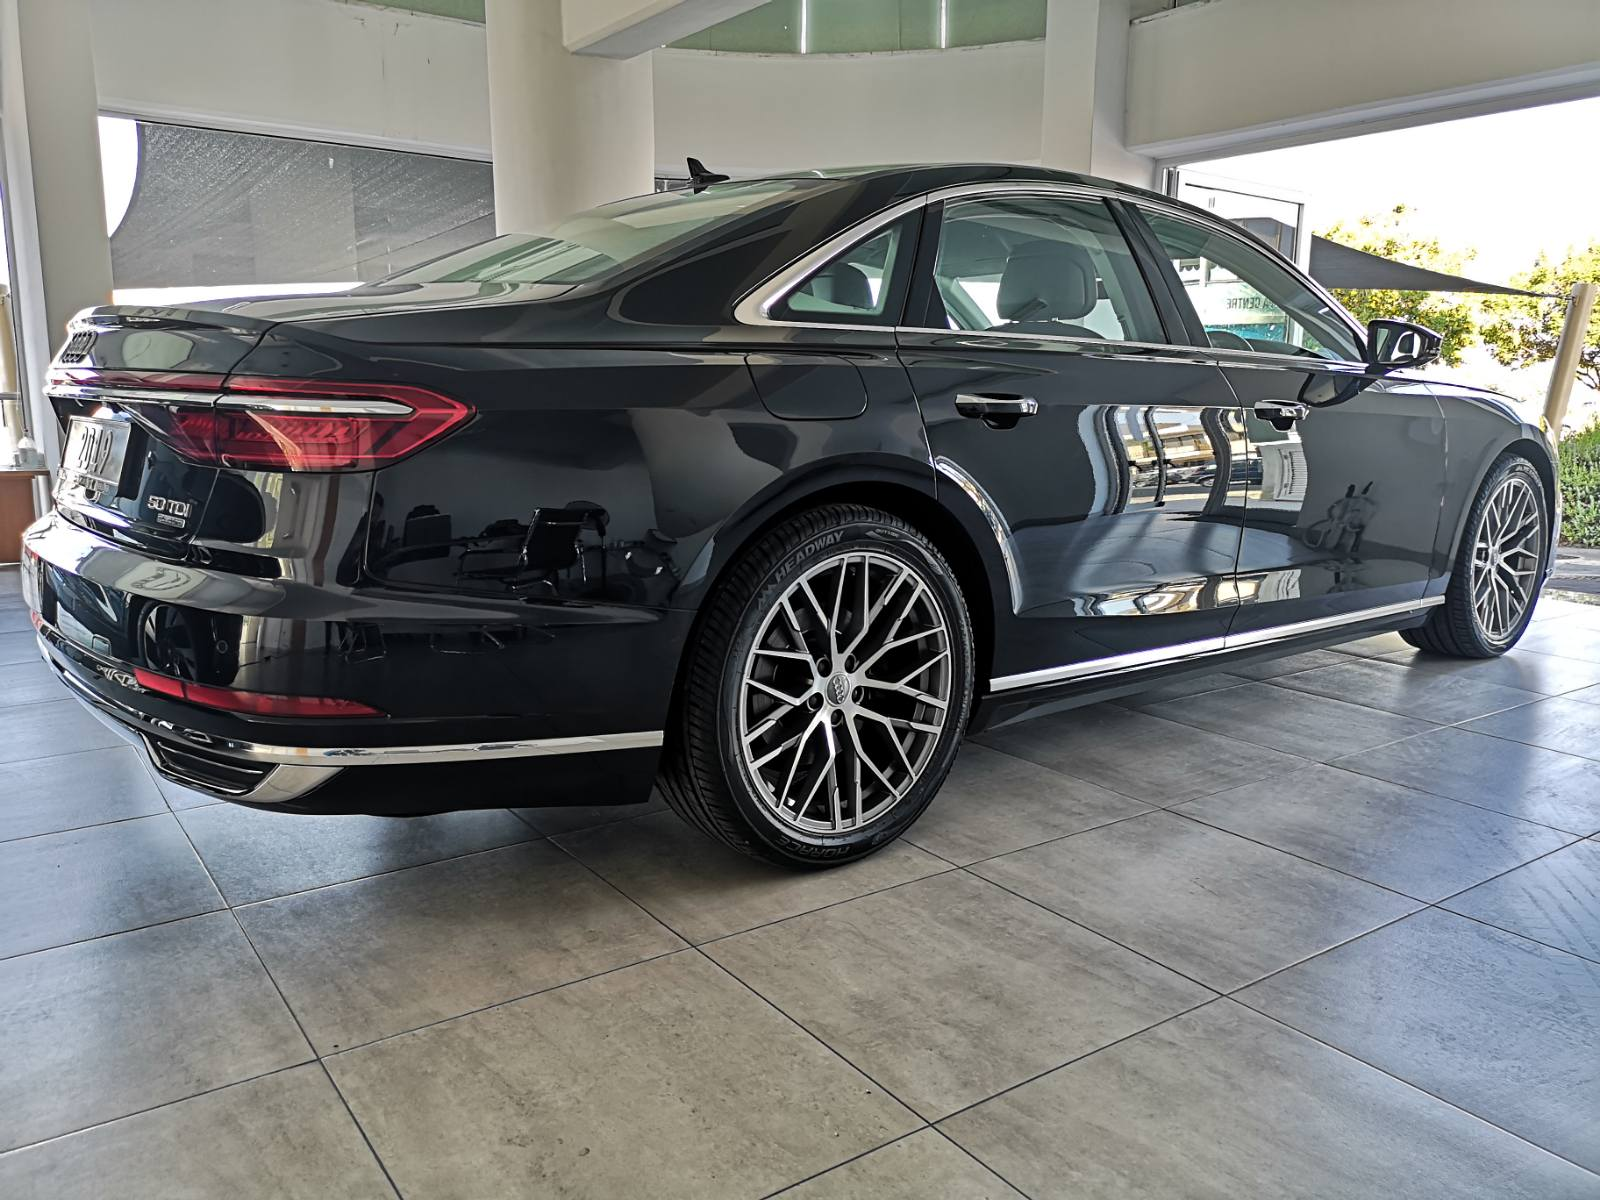 Audi Α8 50 tdi Quatro S Line 2020